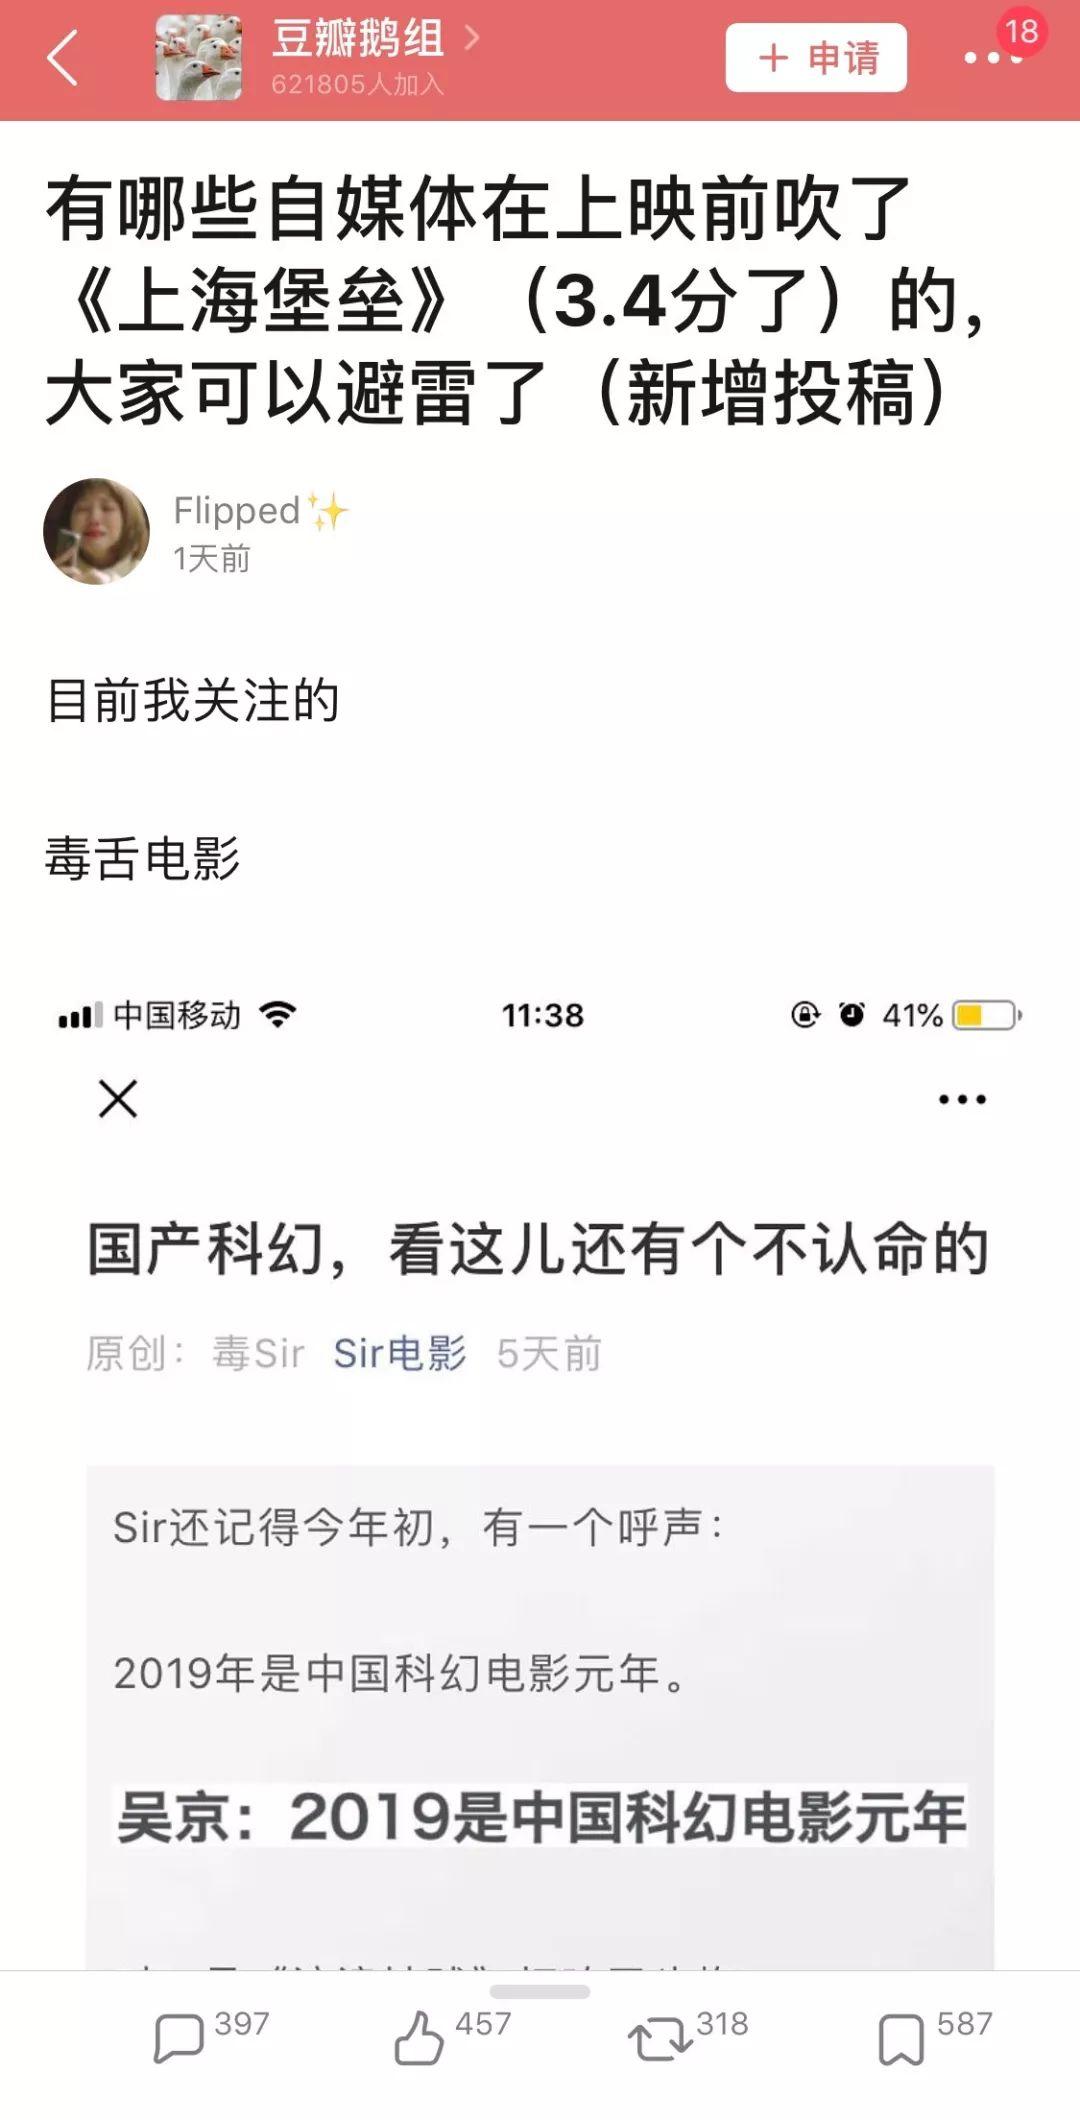 王一博被曝恋爱是真的吗 经纪人疑发文抱怨:替你负重前行